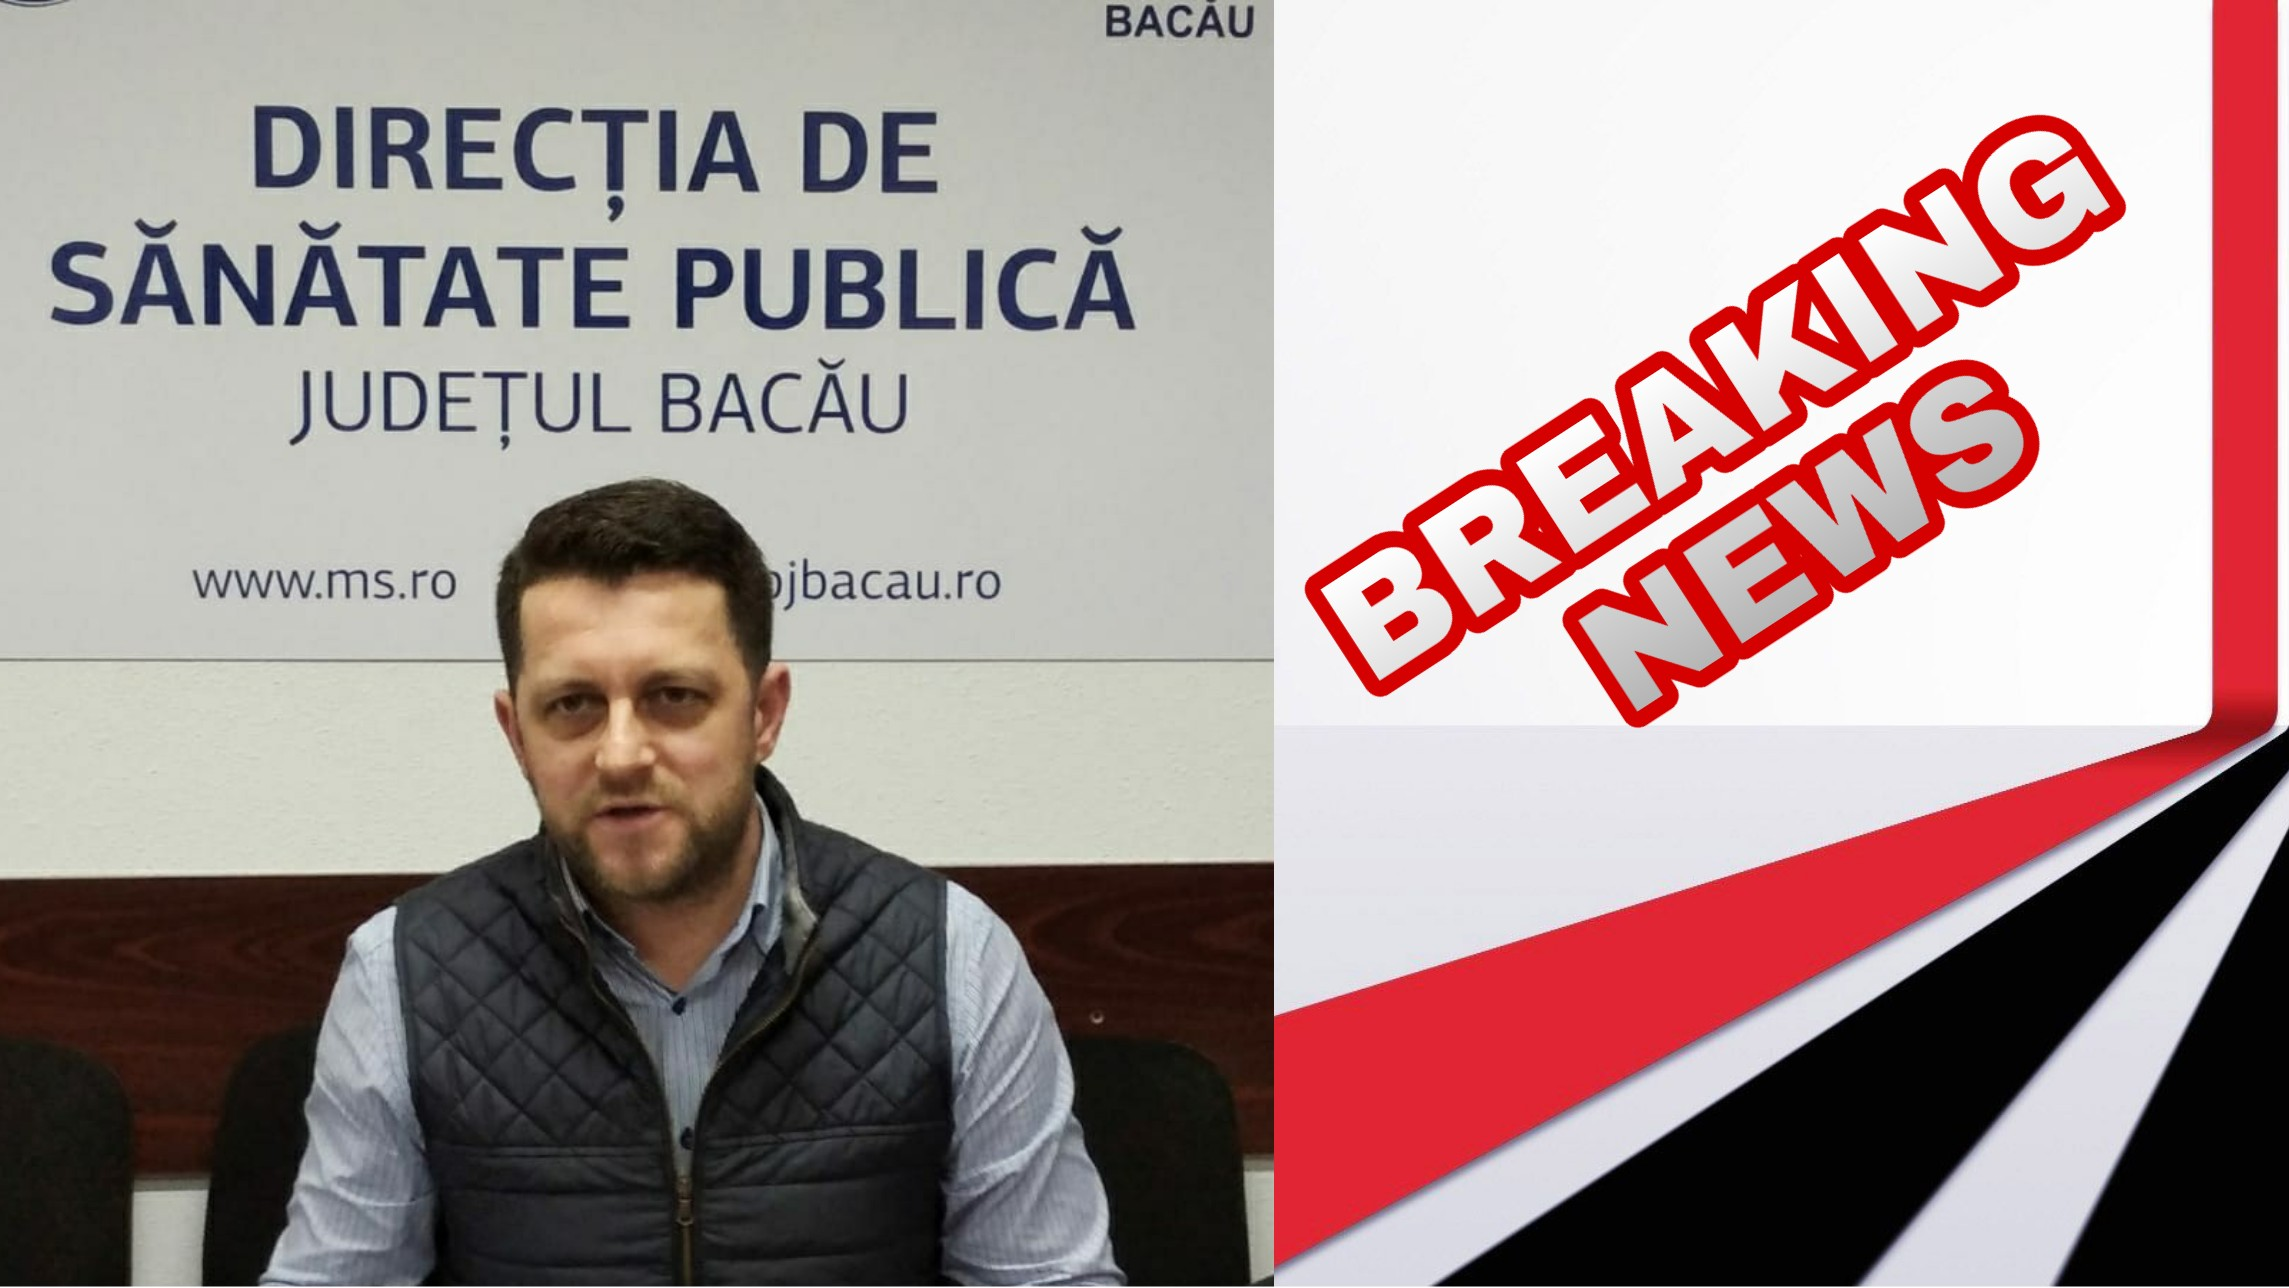 Directorul DSP Bacău și-a depus DEMISIA: demisia sa nu este o renuntare, ci mai degrabă un semnal de ALARMĂ